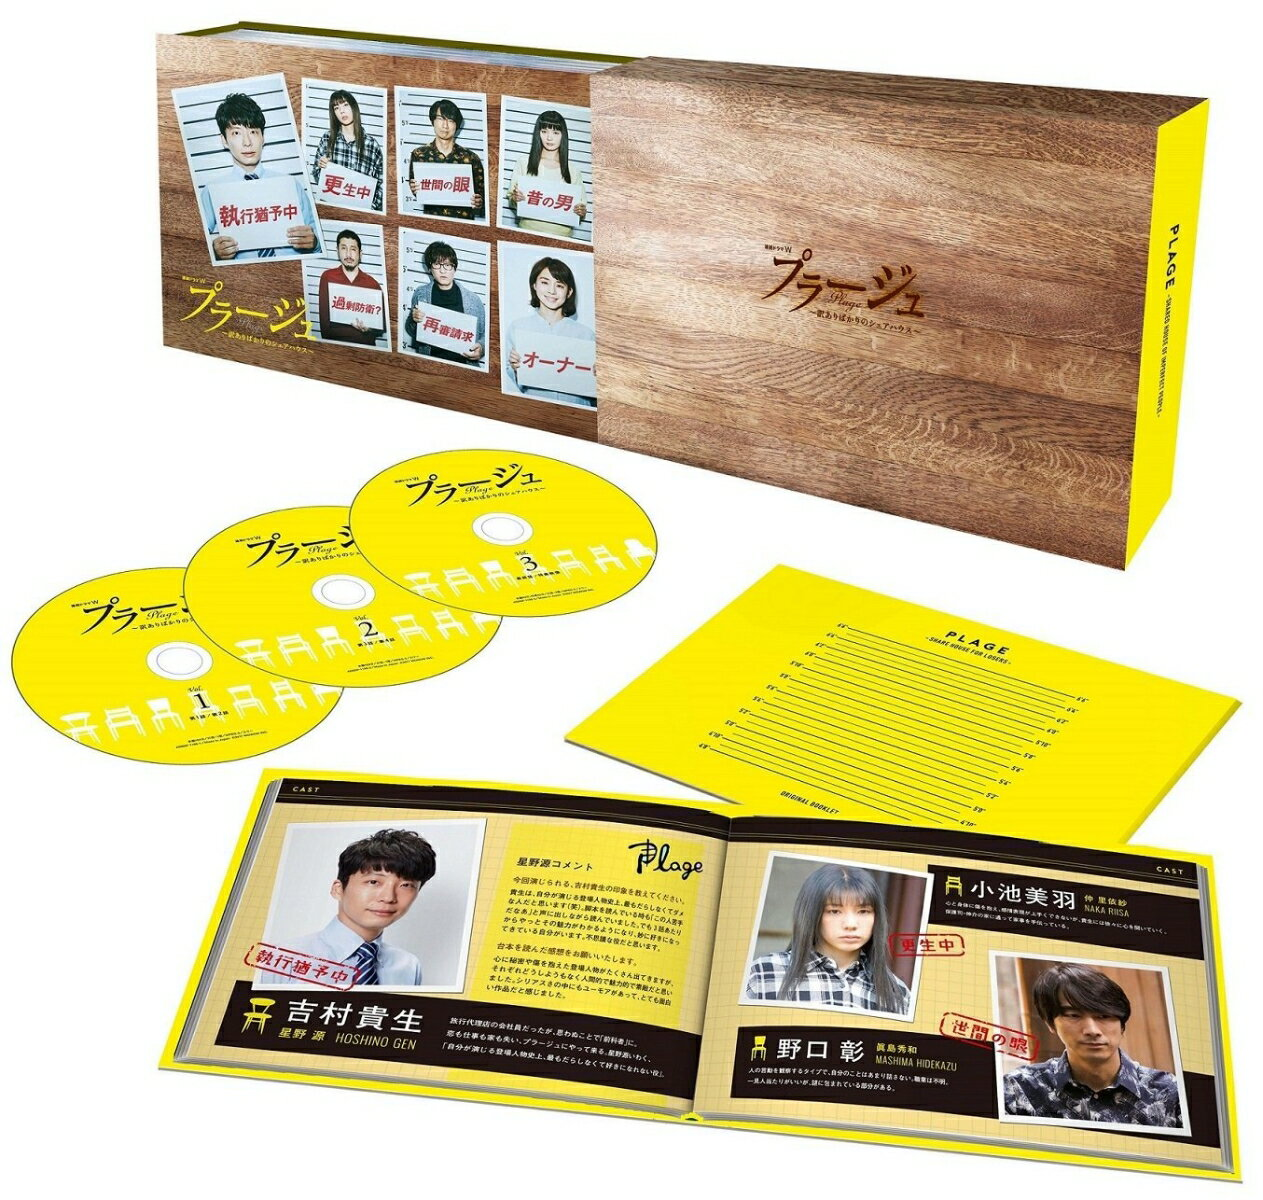 プラージュ 〜訳ありばかりのシェアハウス〜 Blu-ray BOX【Blu-ray】 [ 星野源 ]